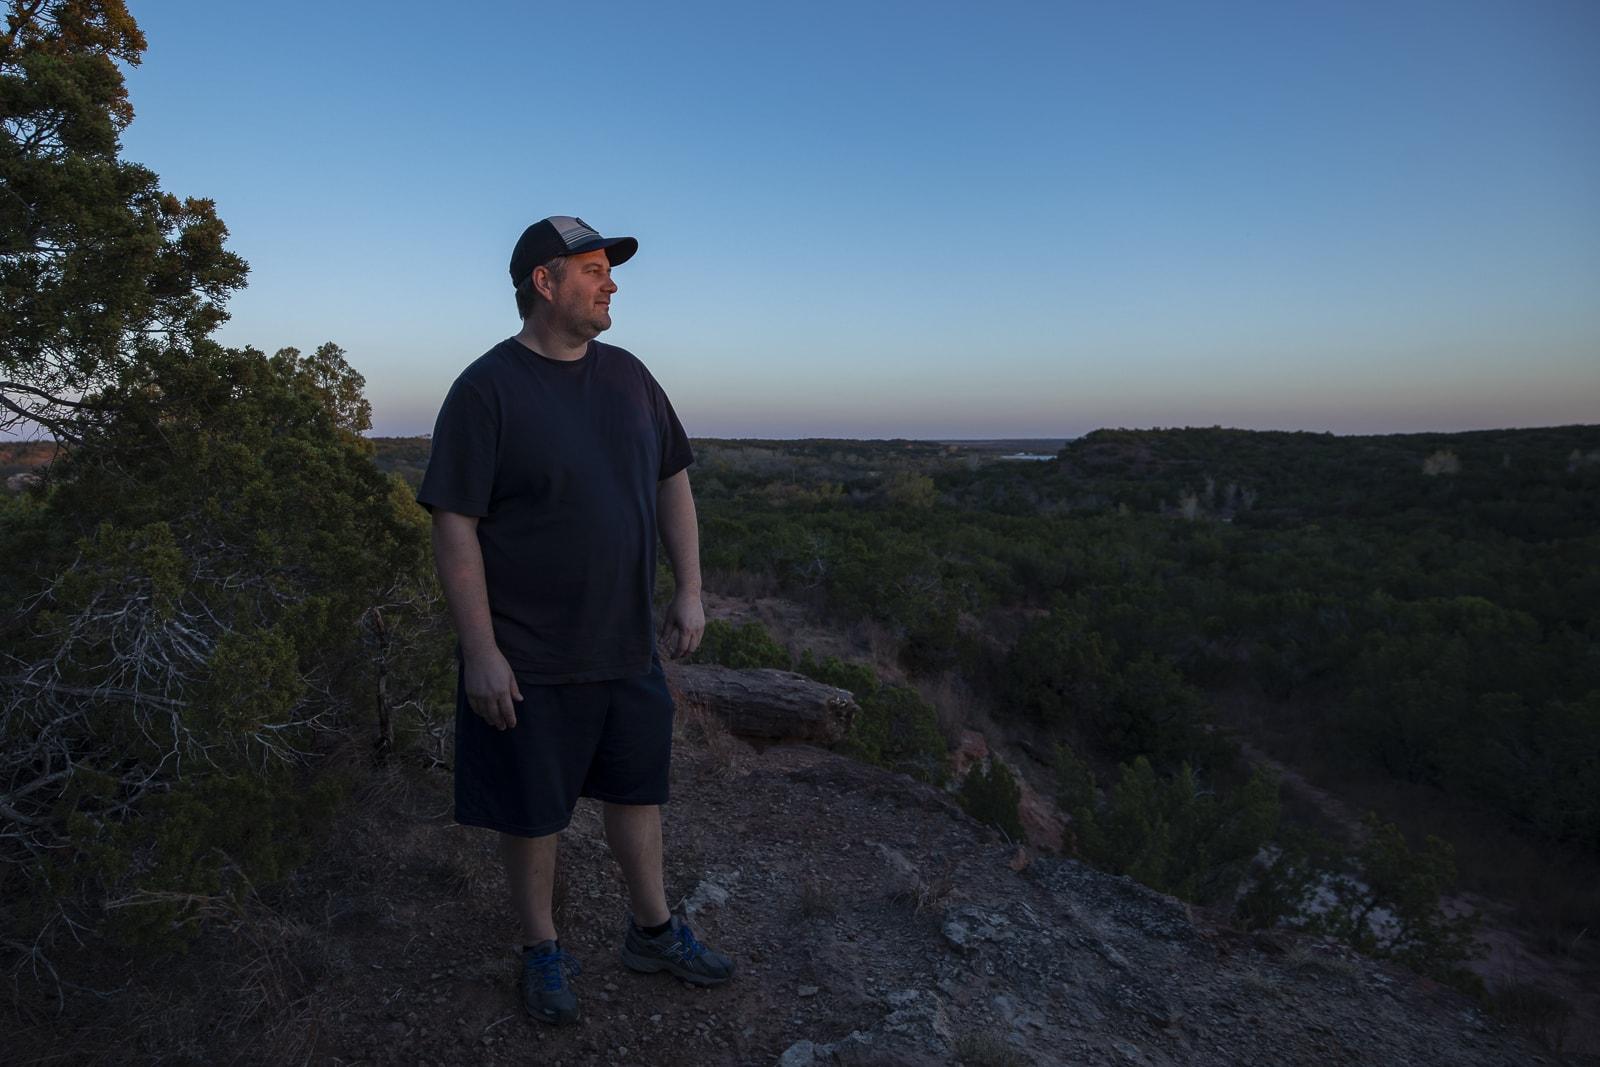 John Davidson at Copper Breaks State Park